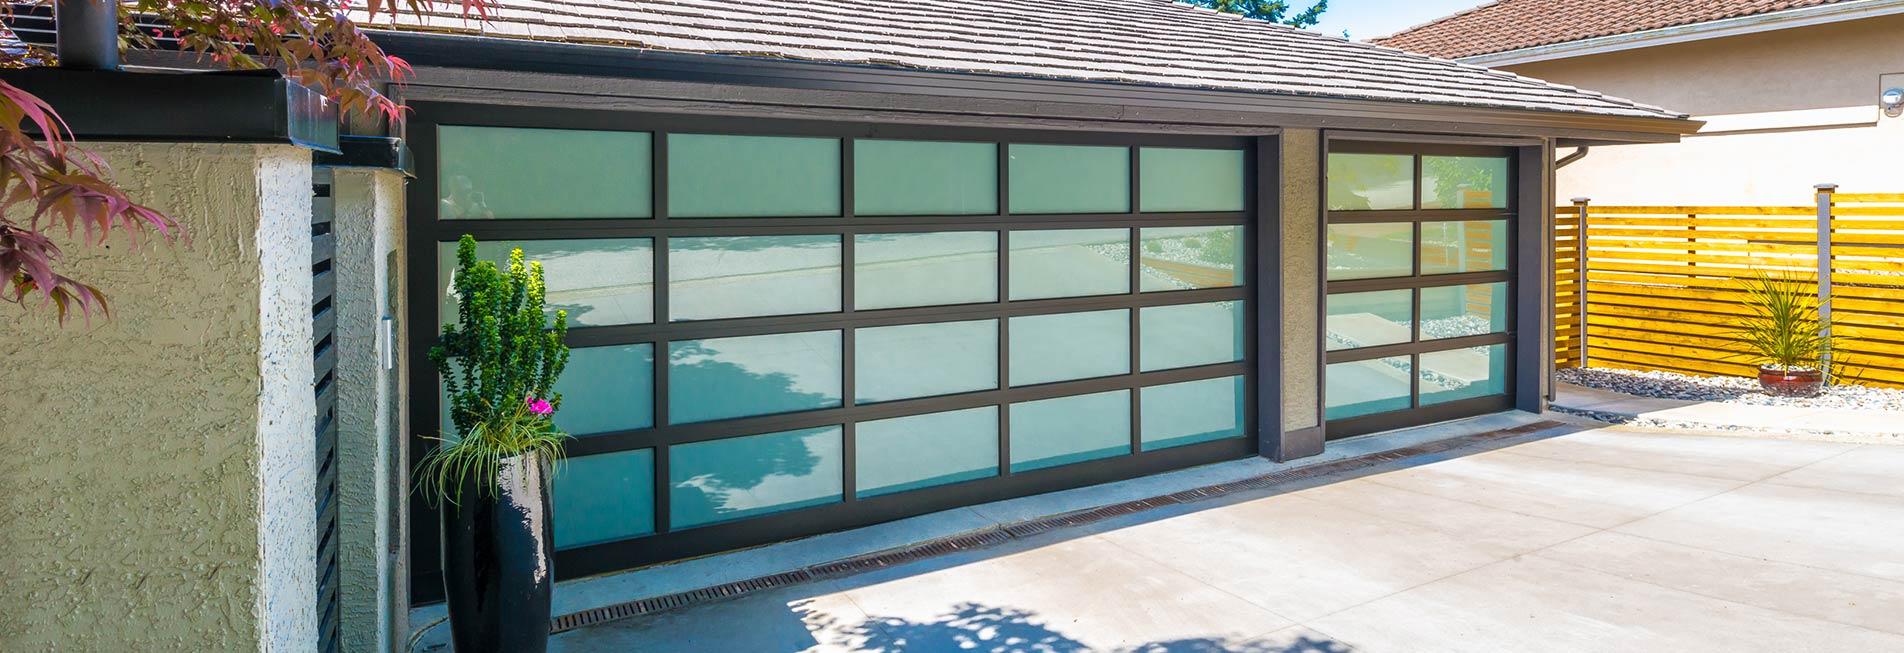 Renton Garage Door Service Repair Neighborhood Garage Door Company